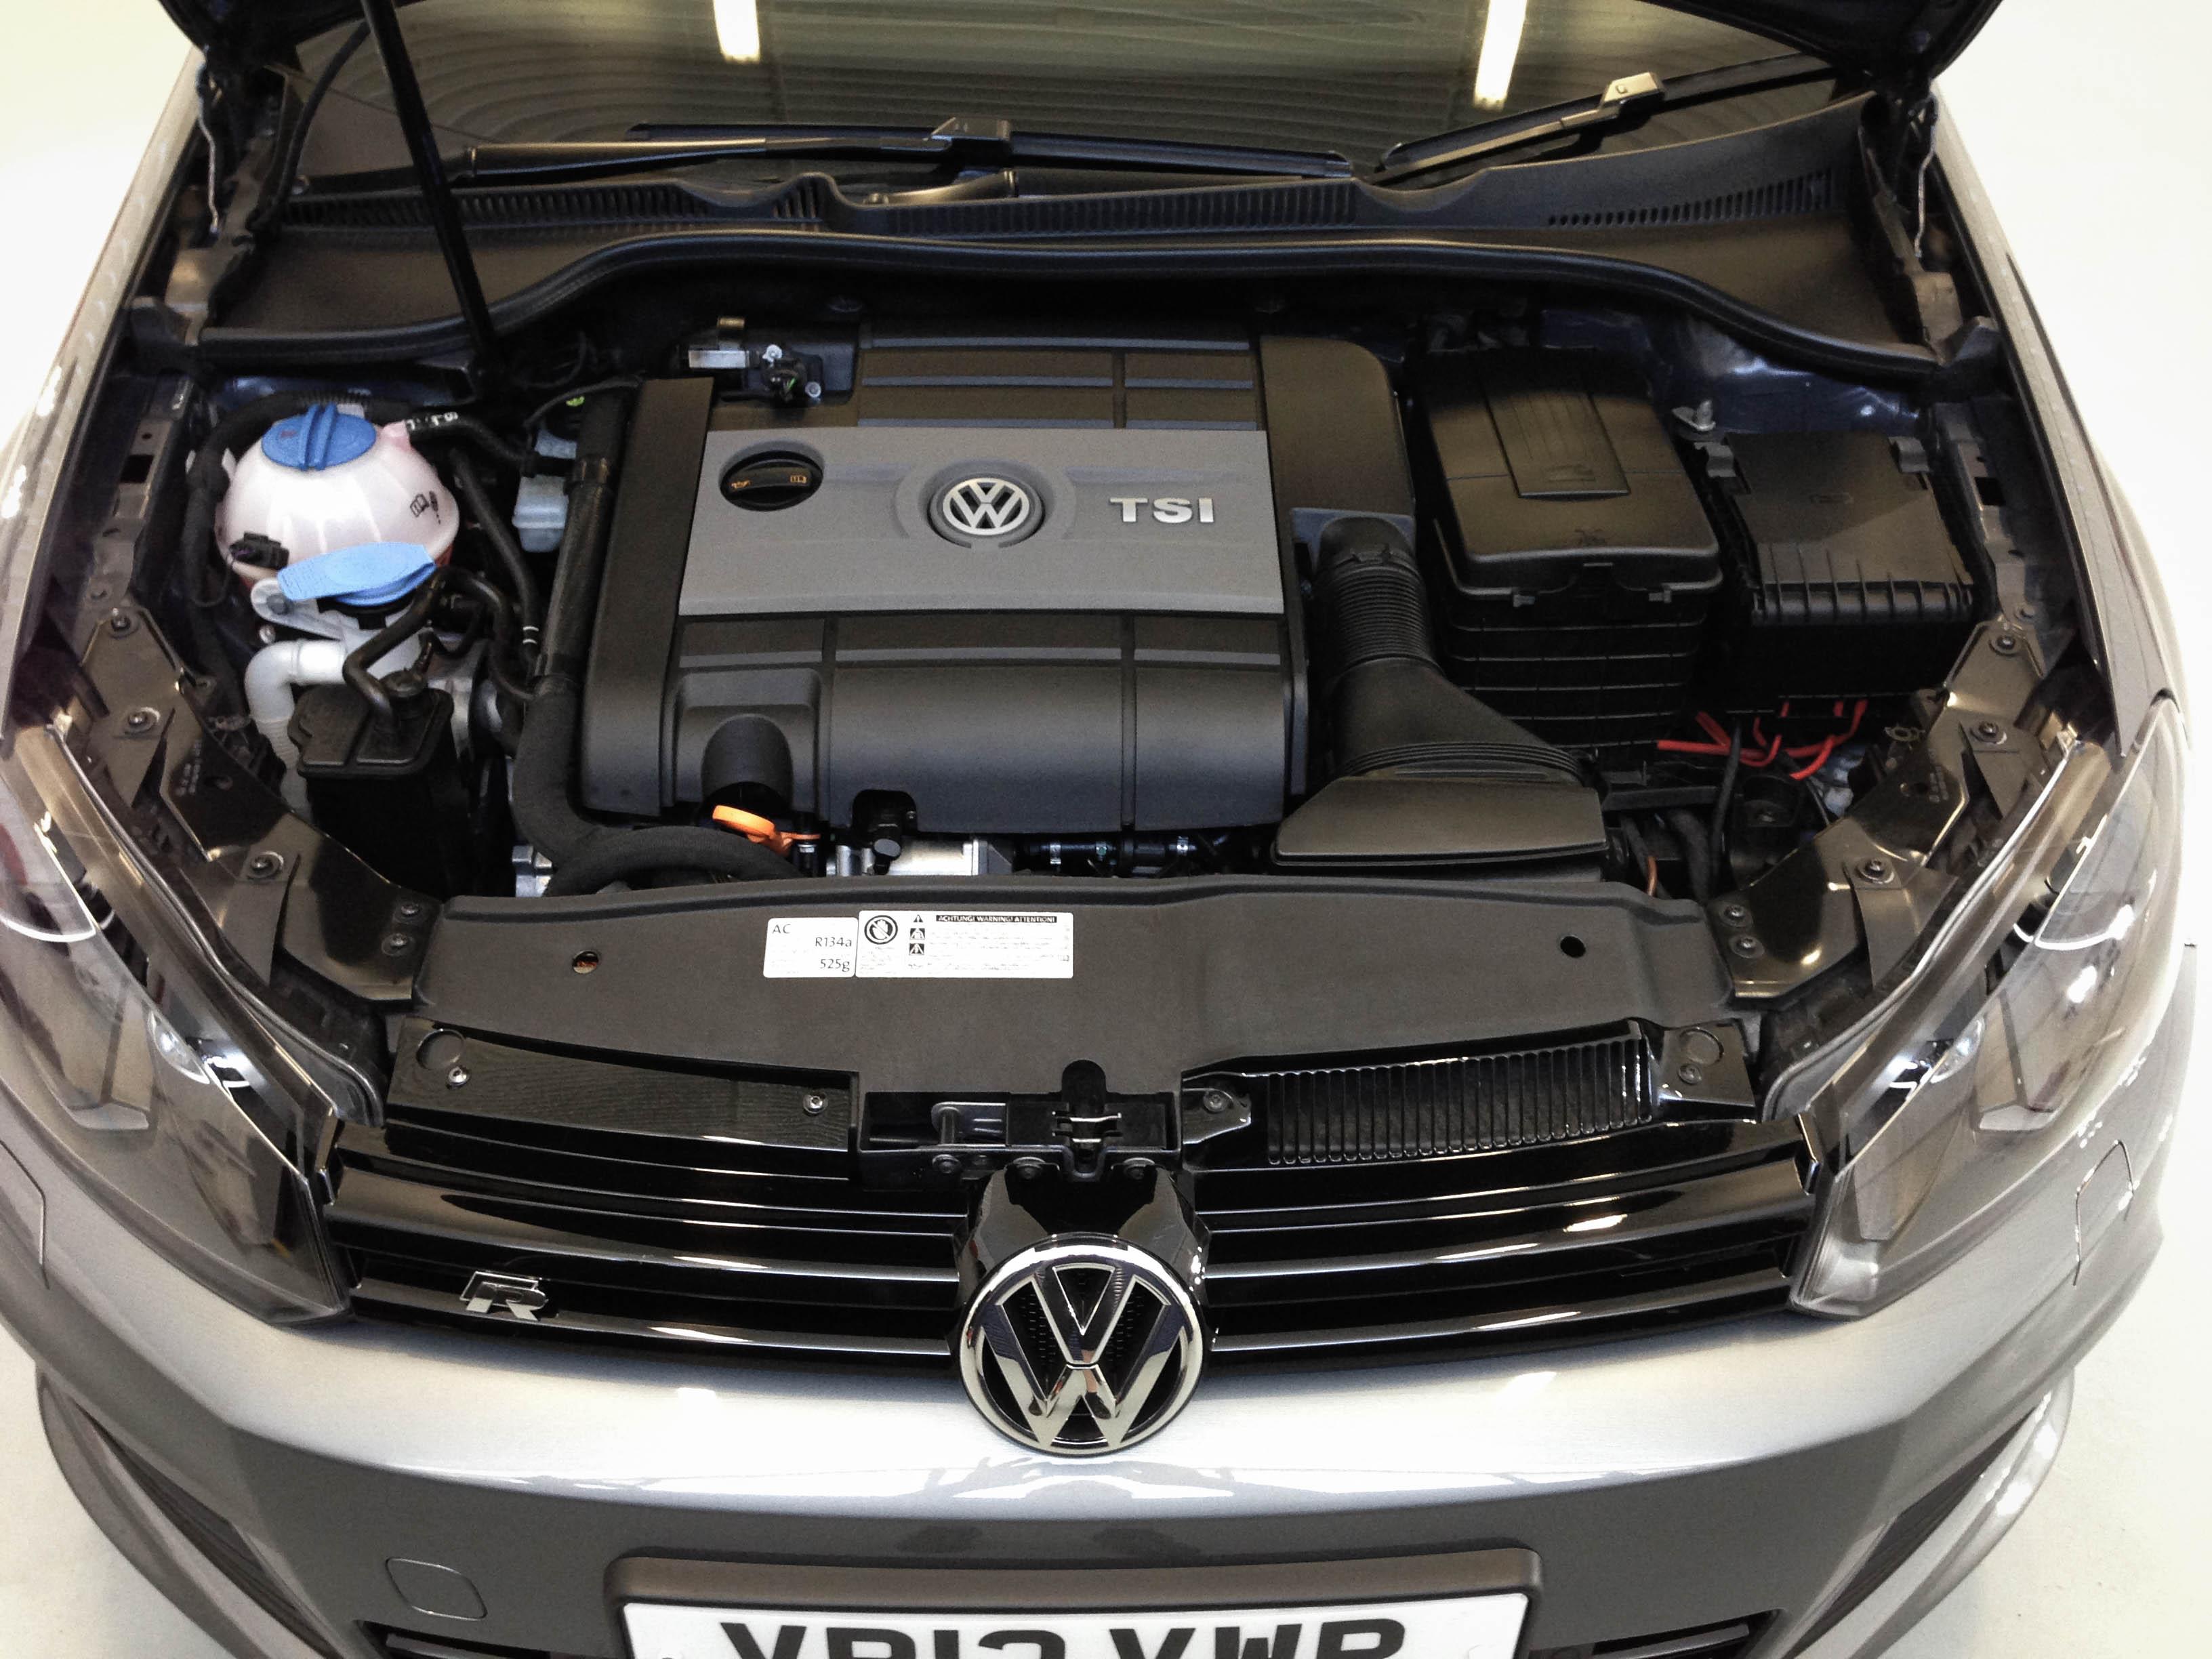 VW-Golf-R-engine